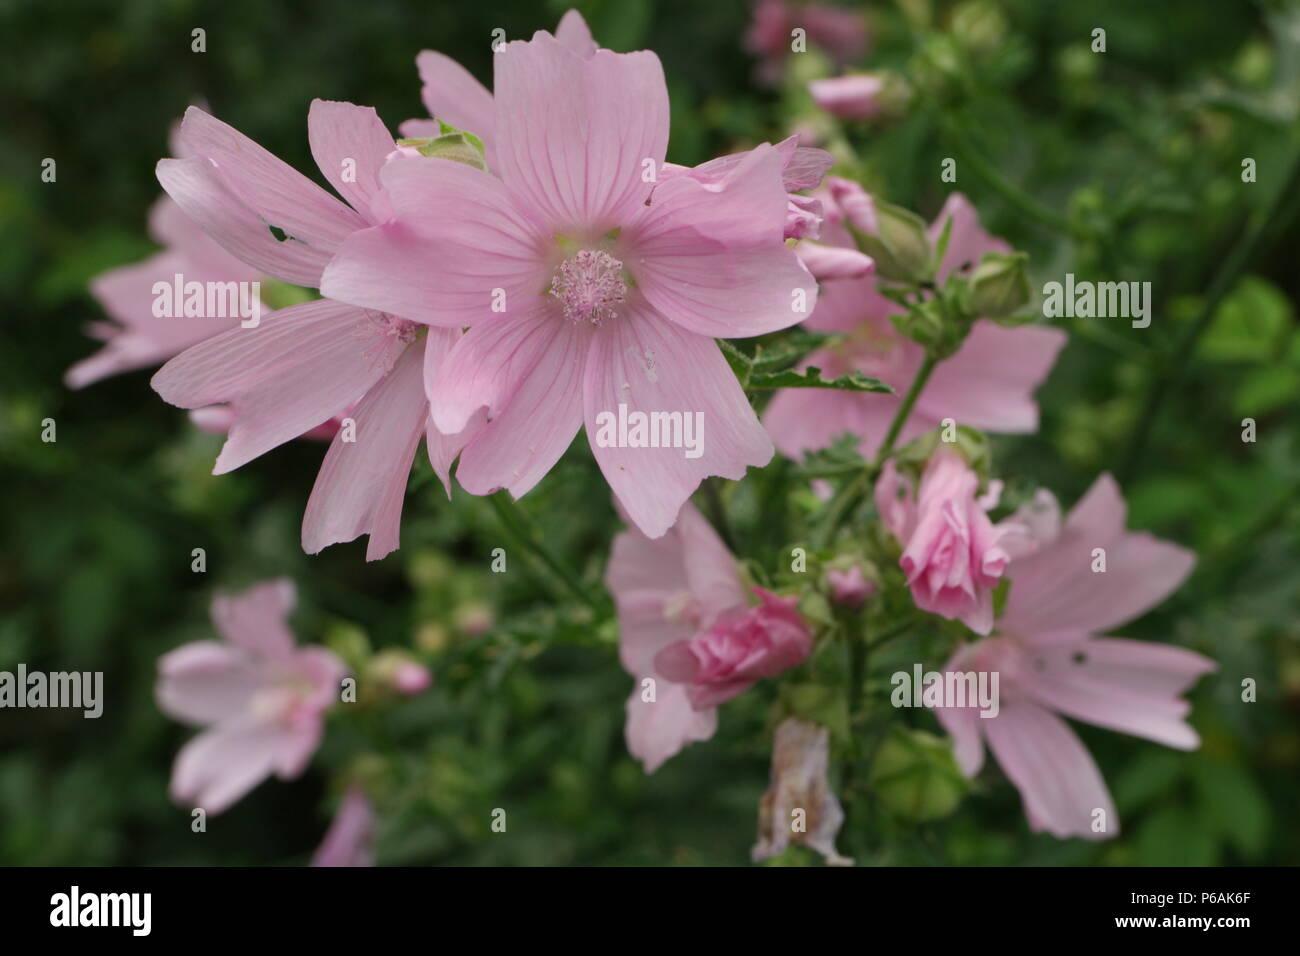 Malva alcea (Rosen-Malve) (Greater Musk-Mallow) Stock Photo